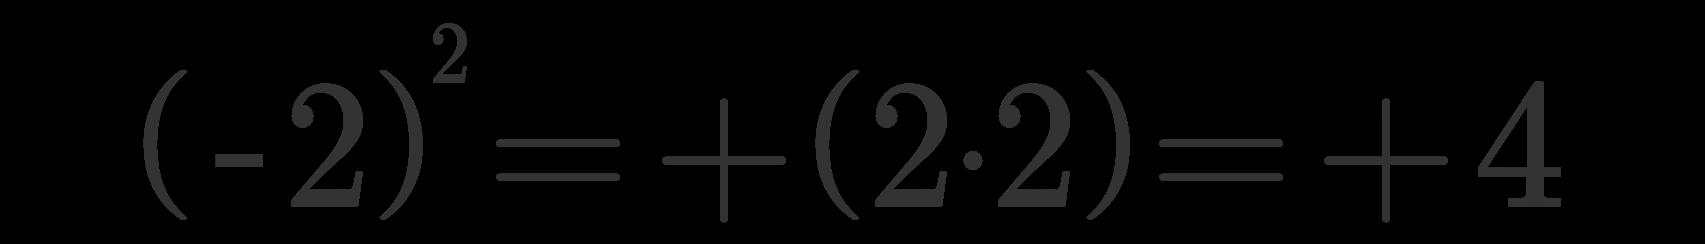 Potenza numeri relativi 1